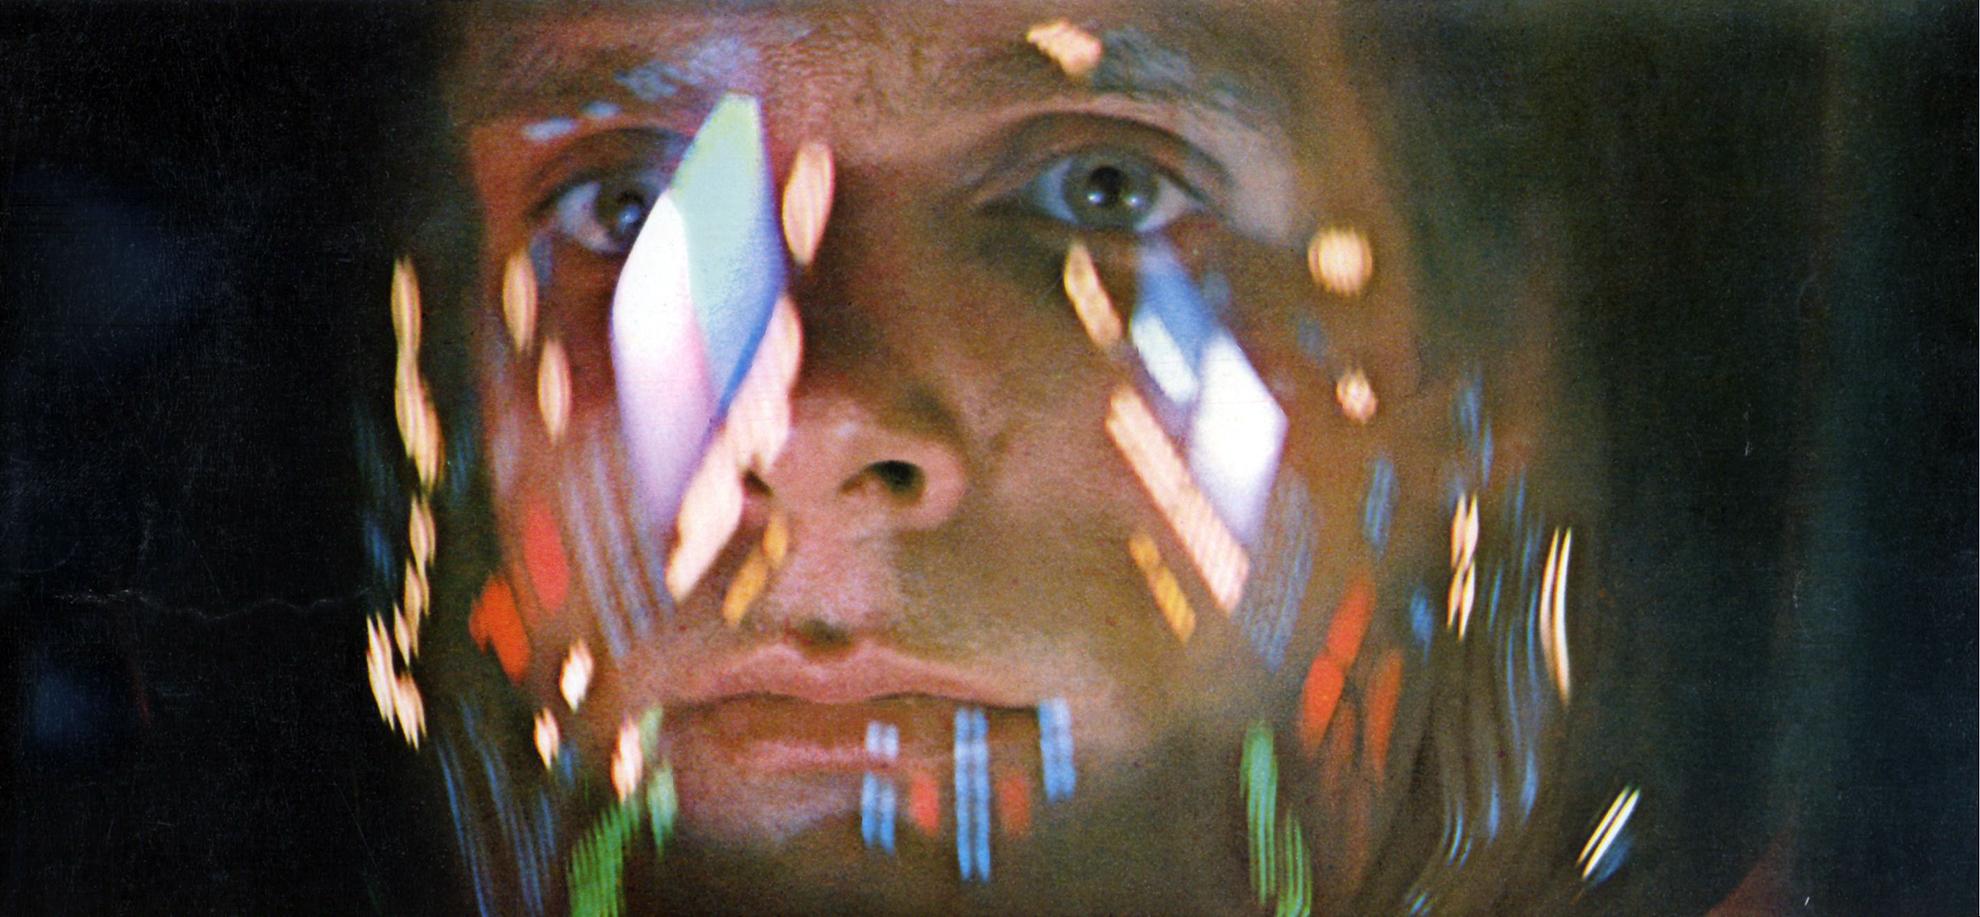 2001-a-space-odyssey-3-Kubrickconfdin.jpg